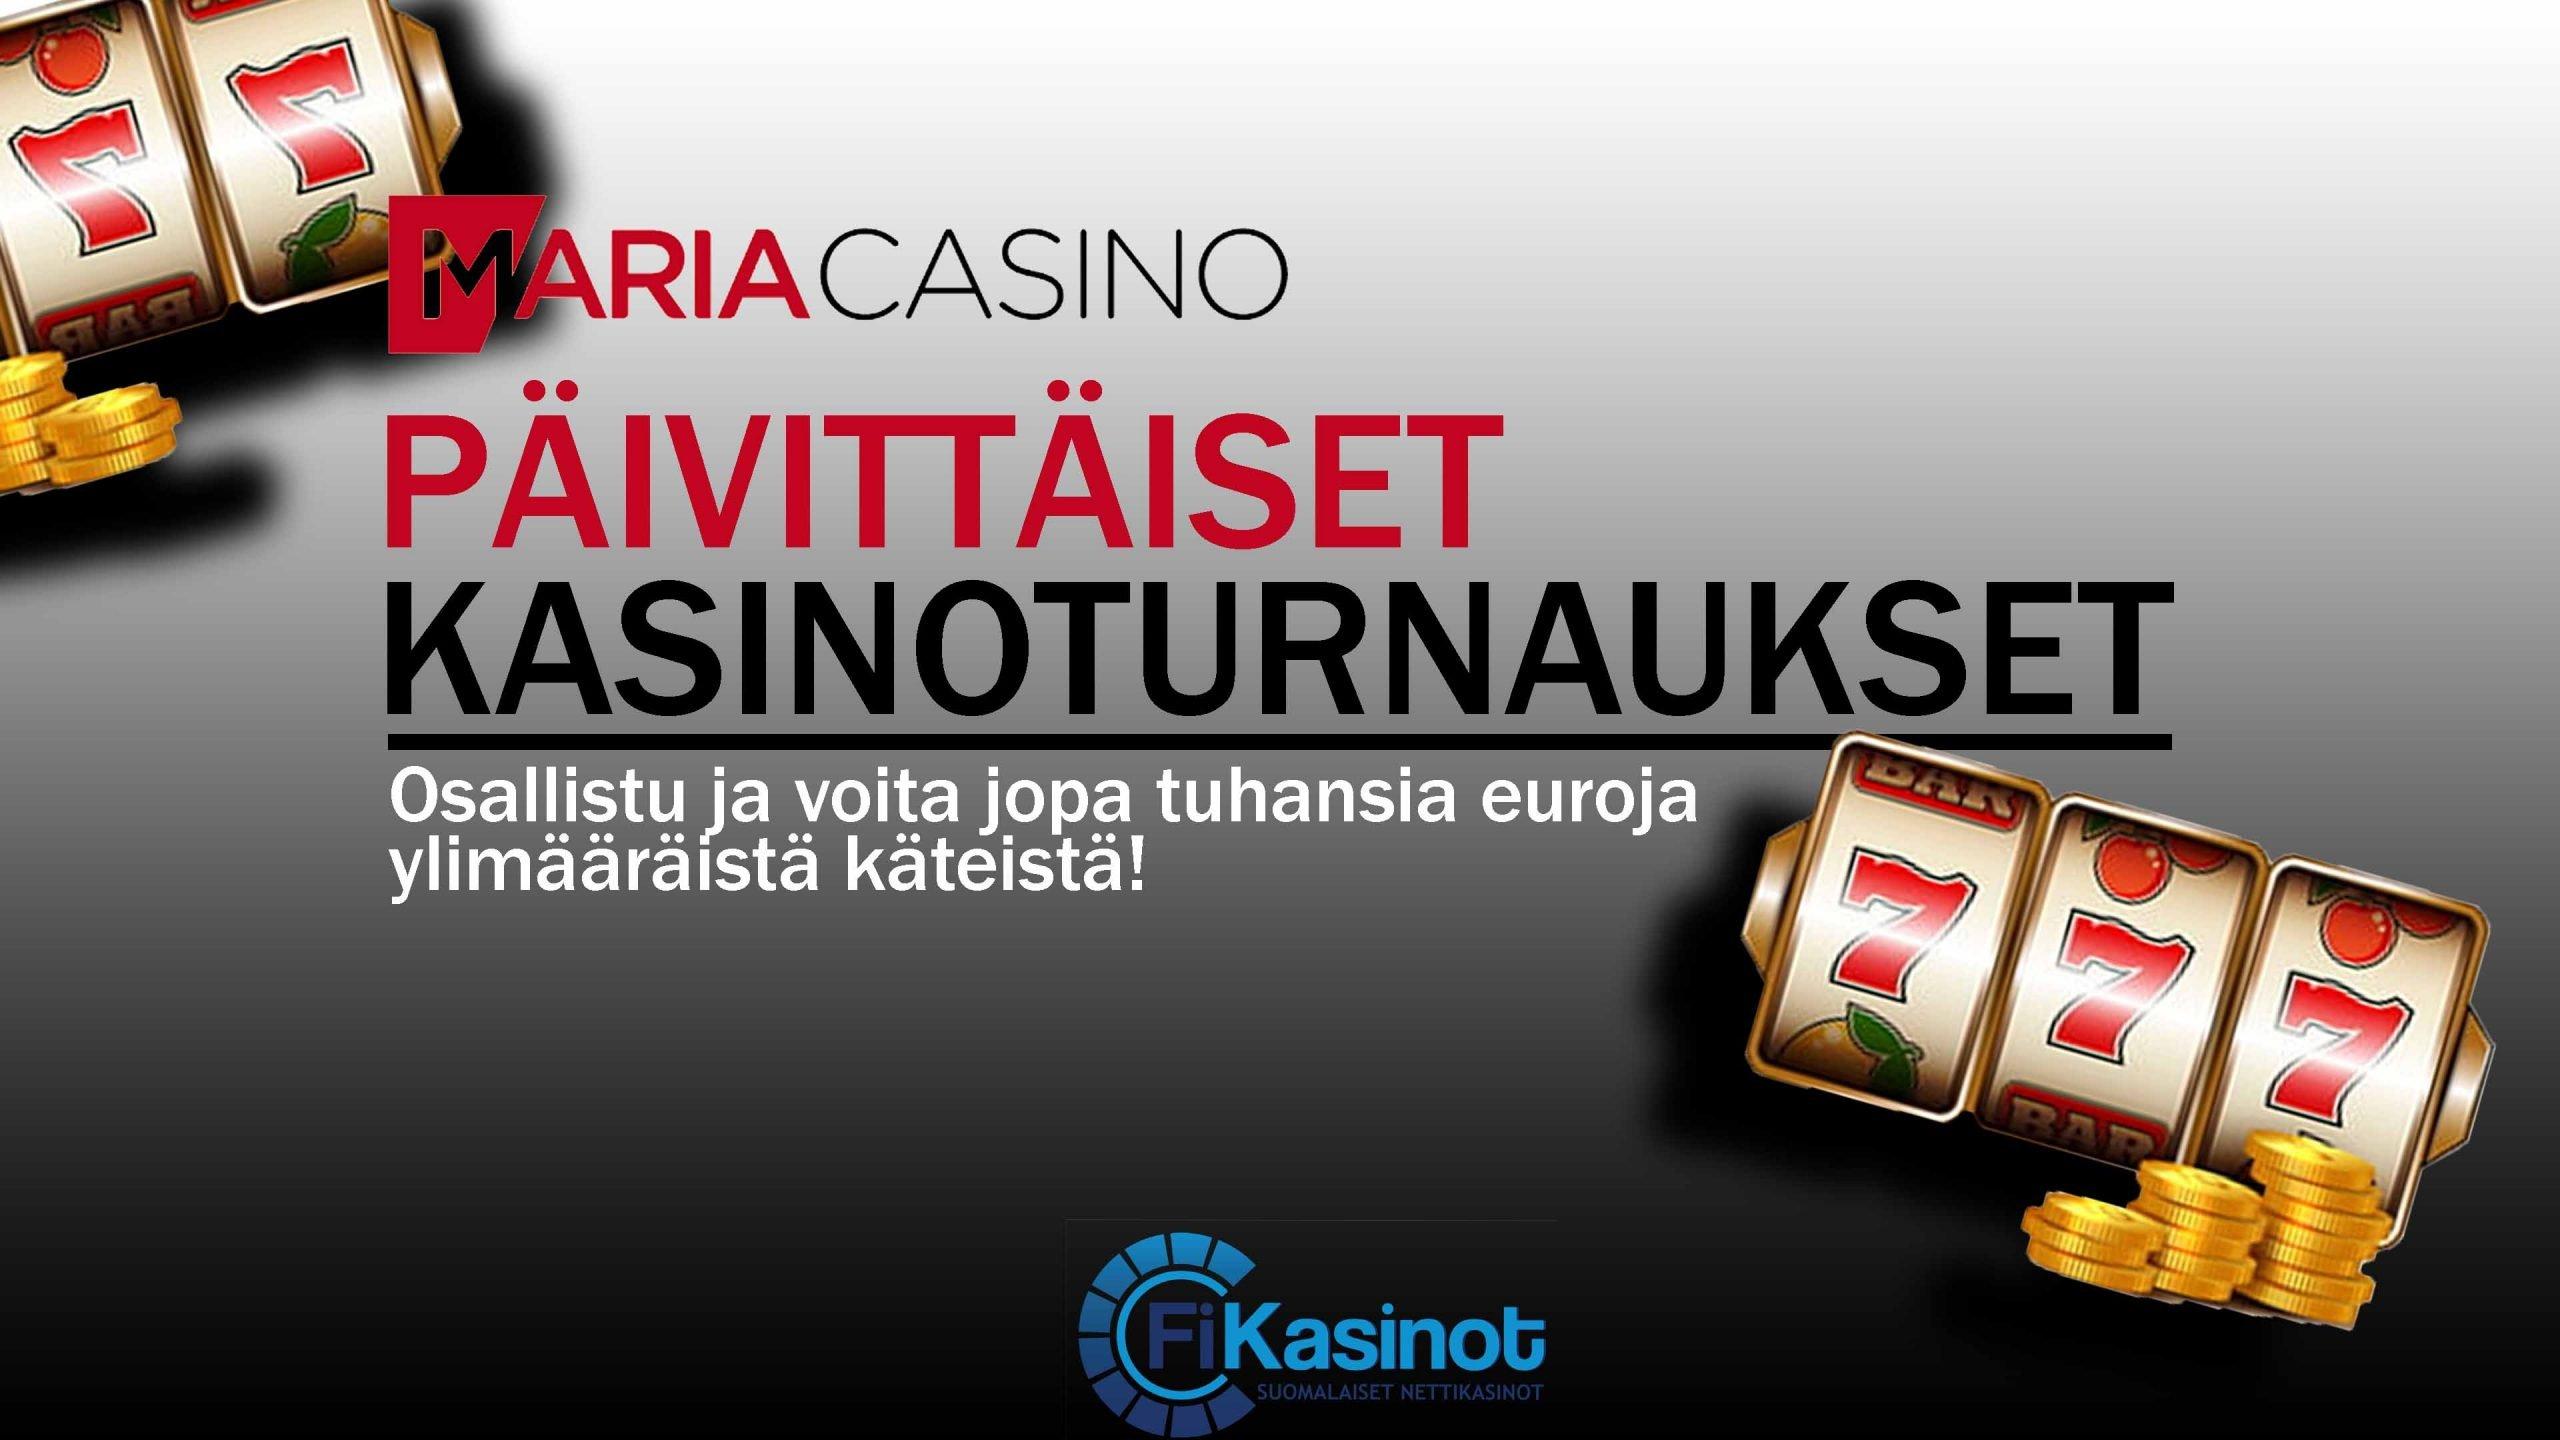 Maria Casinolta päivittäin käteispalkintoja